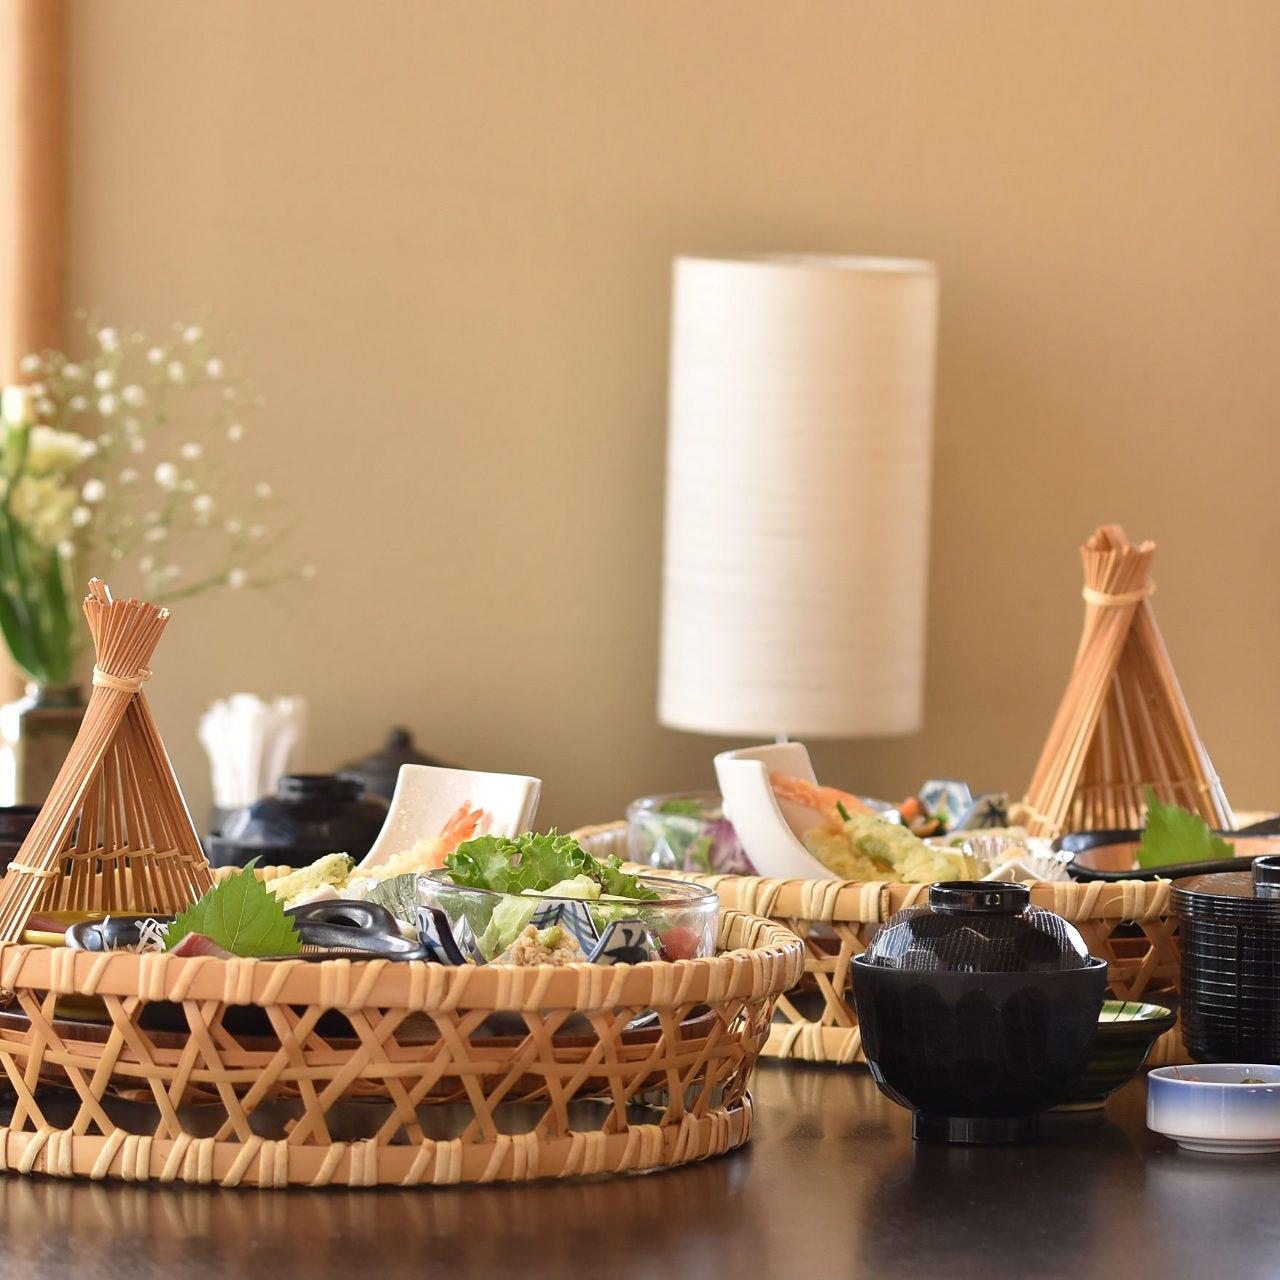 宮島コーラルホテル 茶屋わたやのイメージ写真